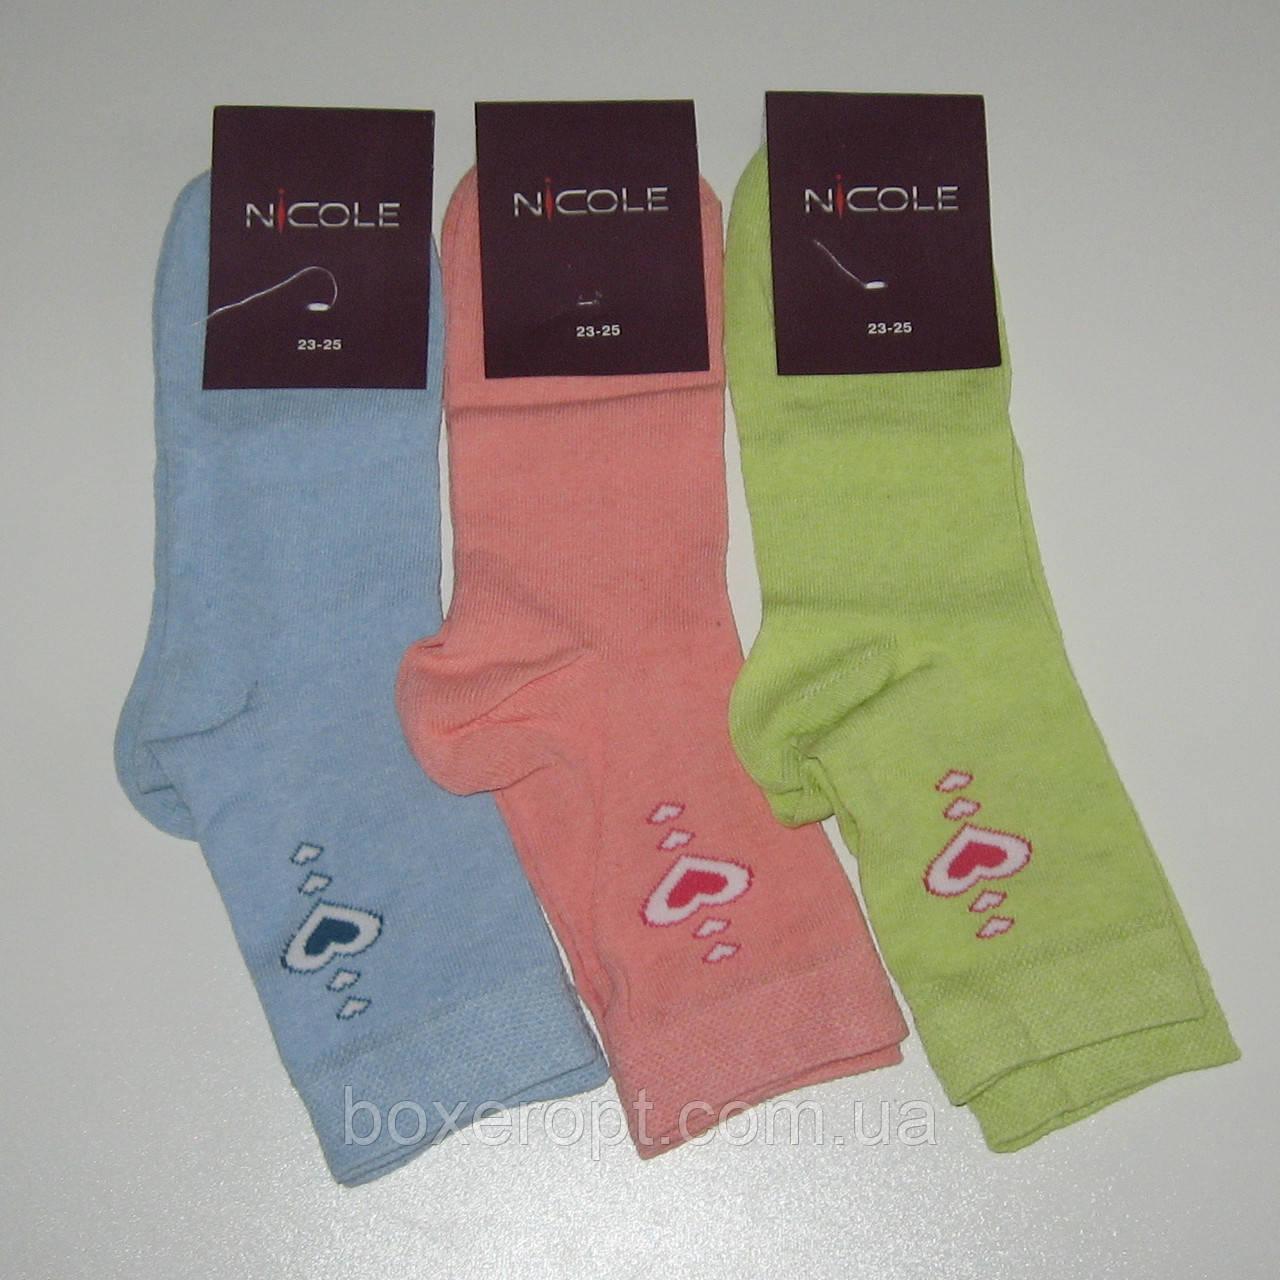 Женские носки Nicole - 7.50 грн./пара (сердца)